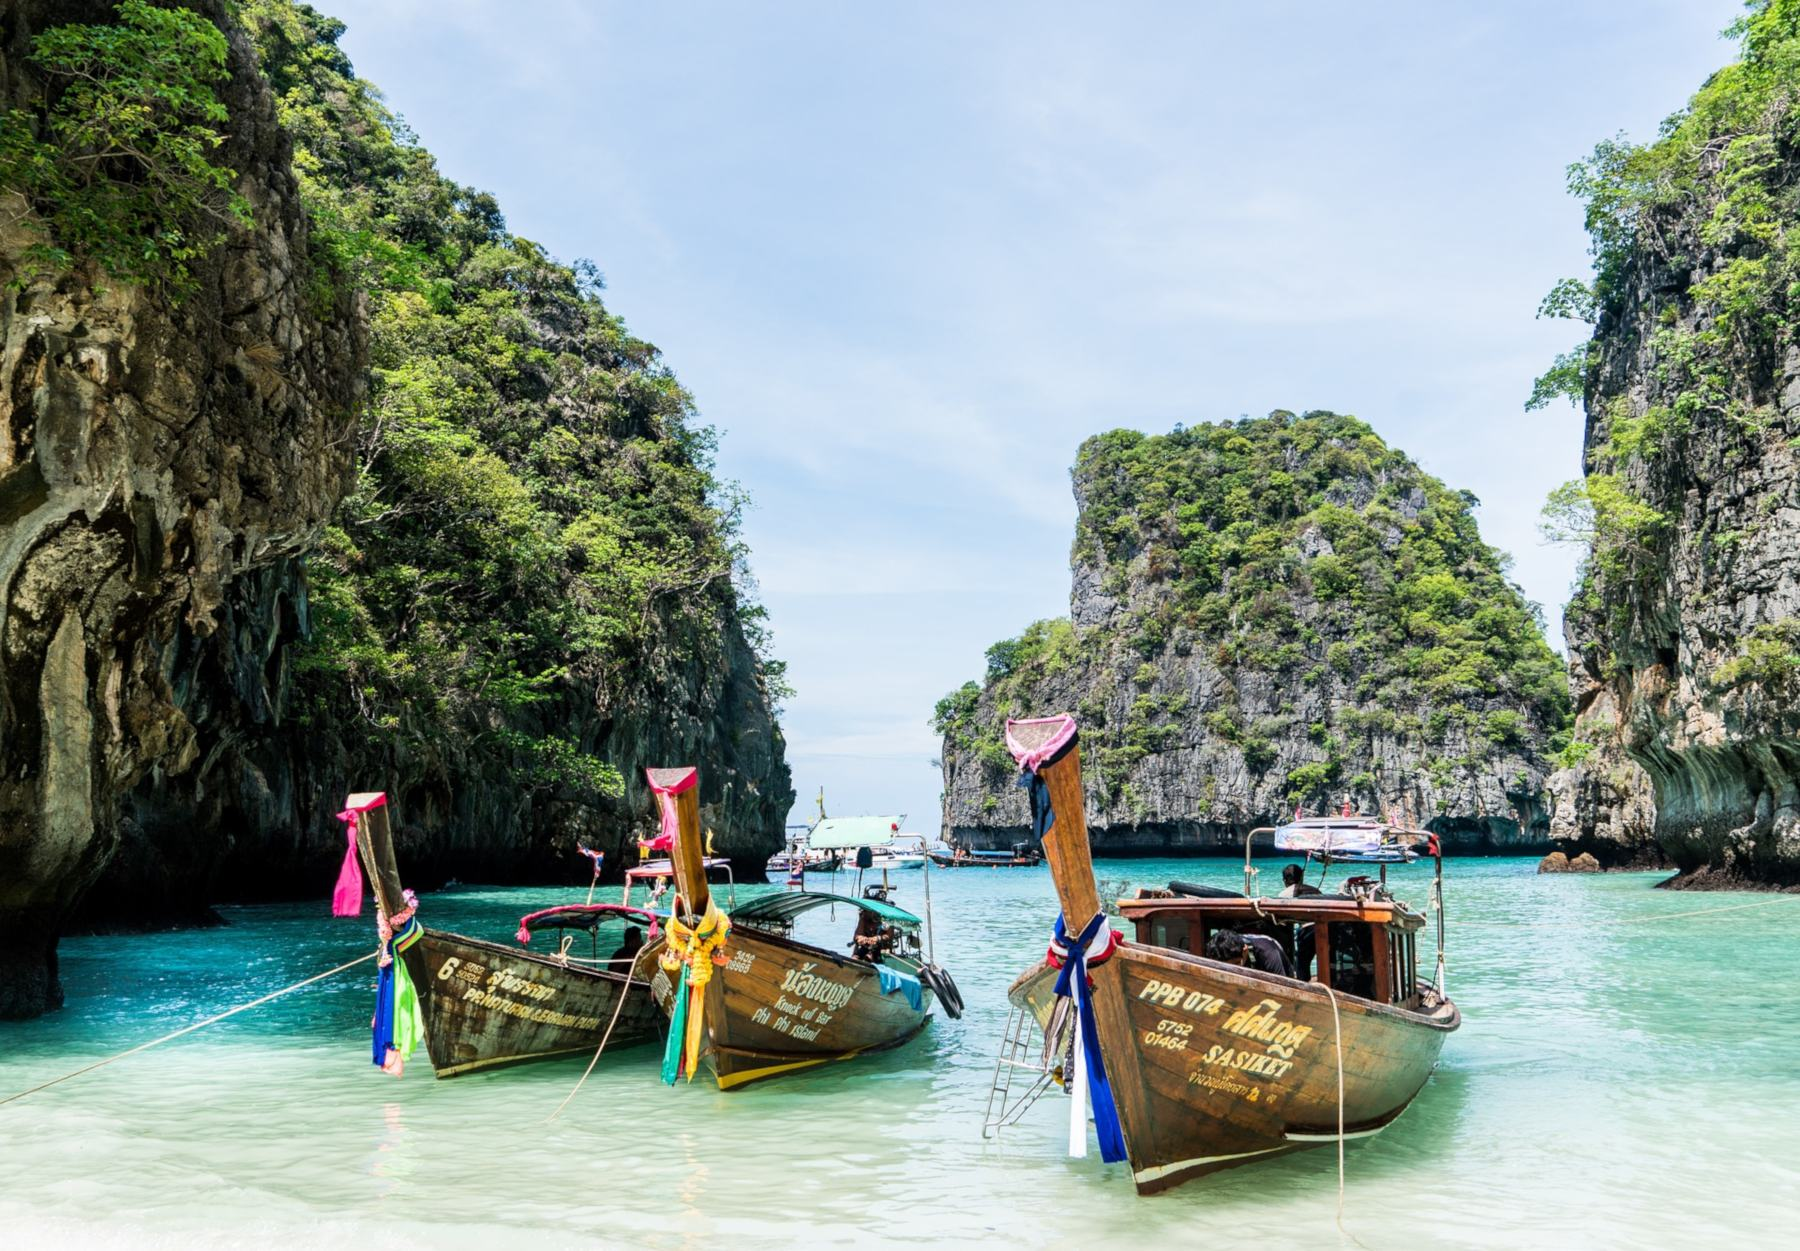 Die thailändischen Inselparadiese in der Andamanensee lassen sich am besten mit landestypischen Longtailbooten erkunden.